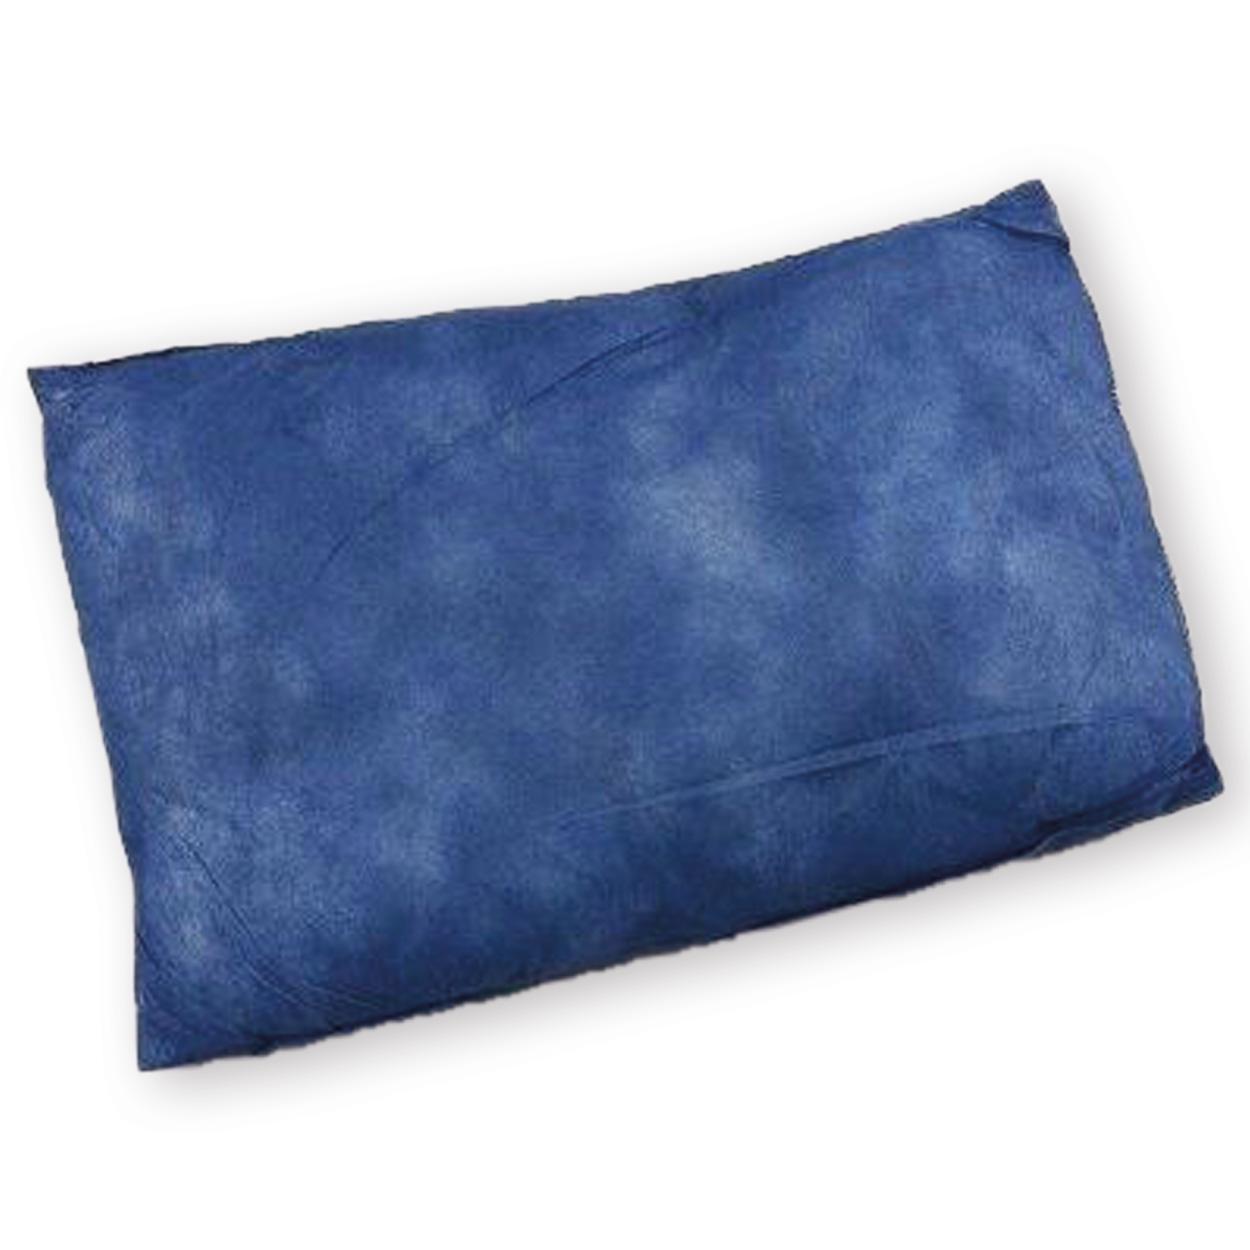 Einmalkissen, blau, 40 x 60 cm